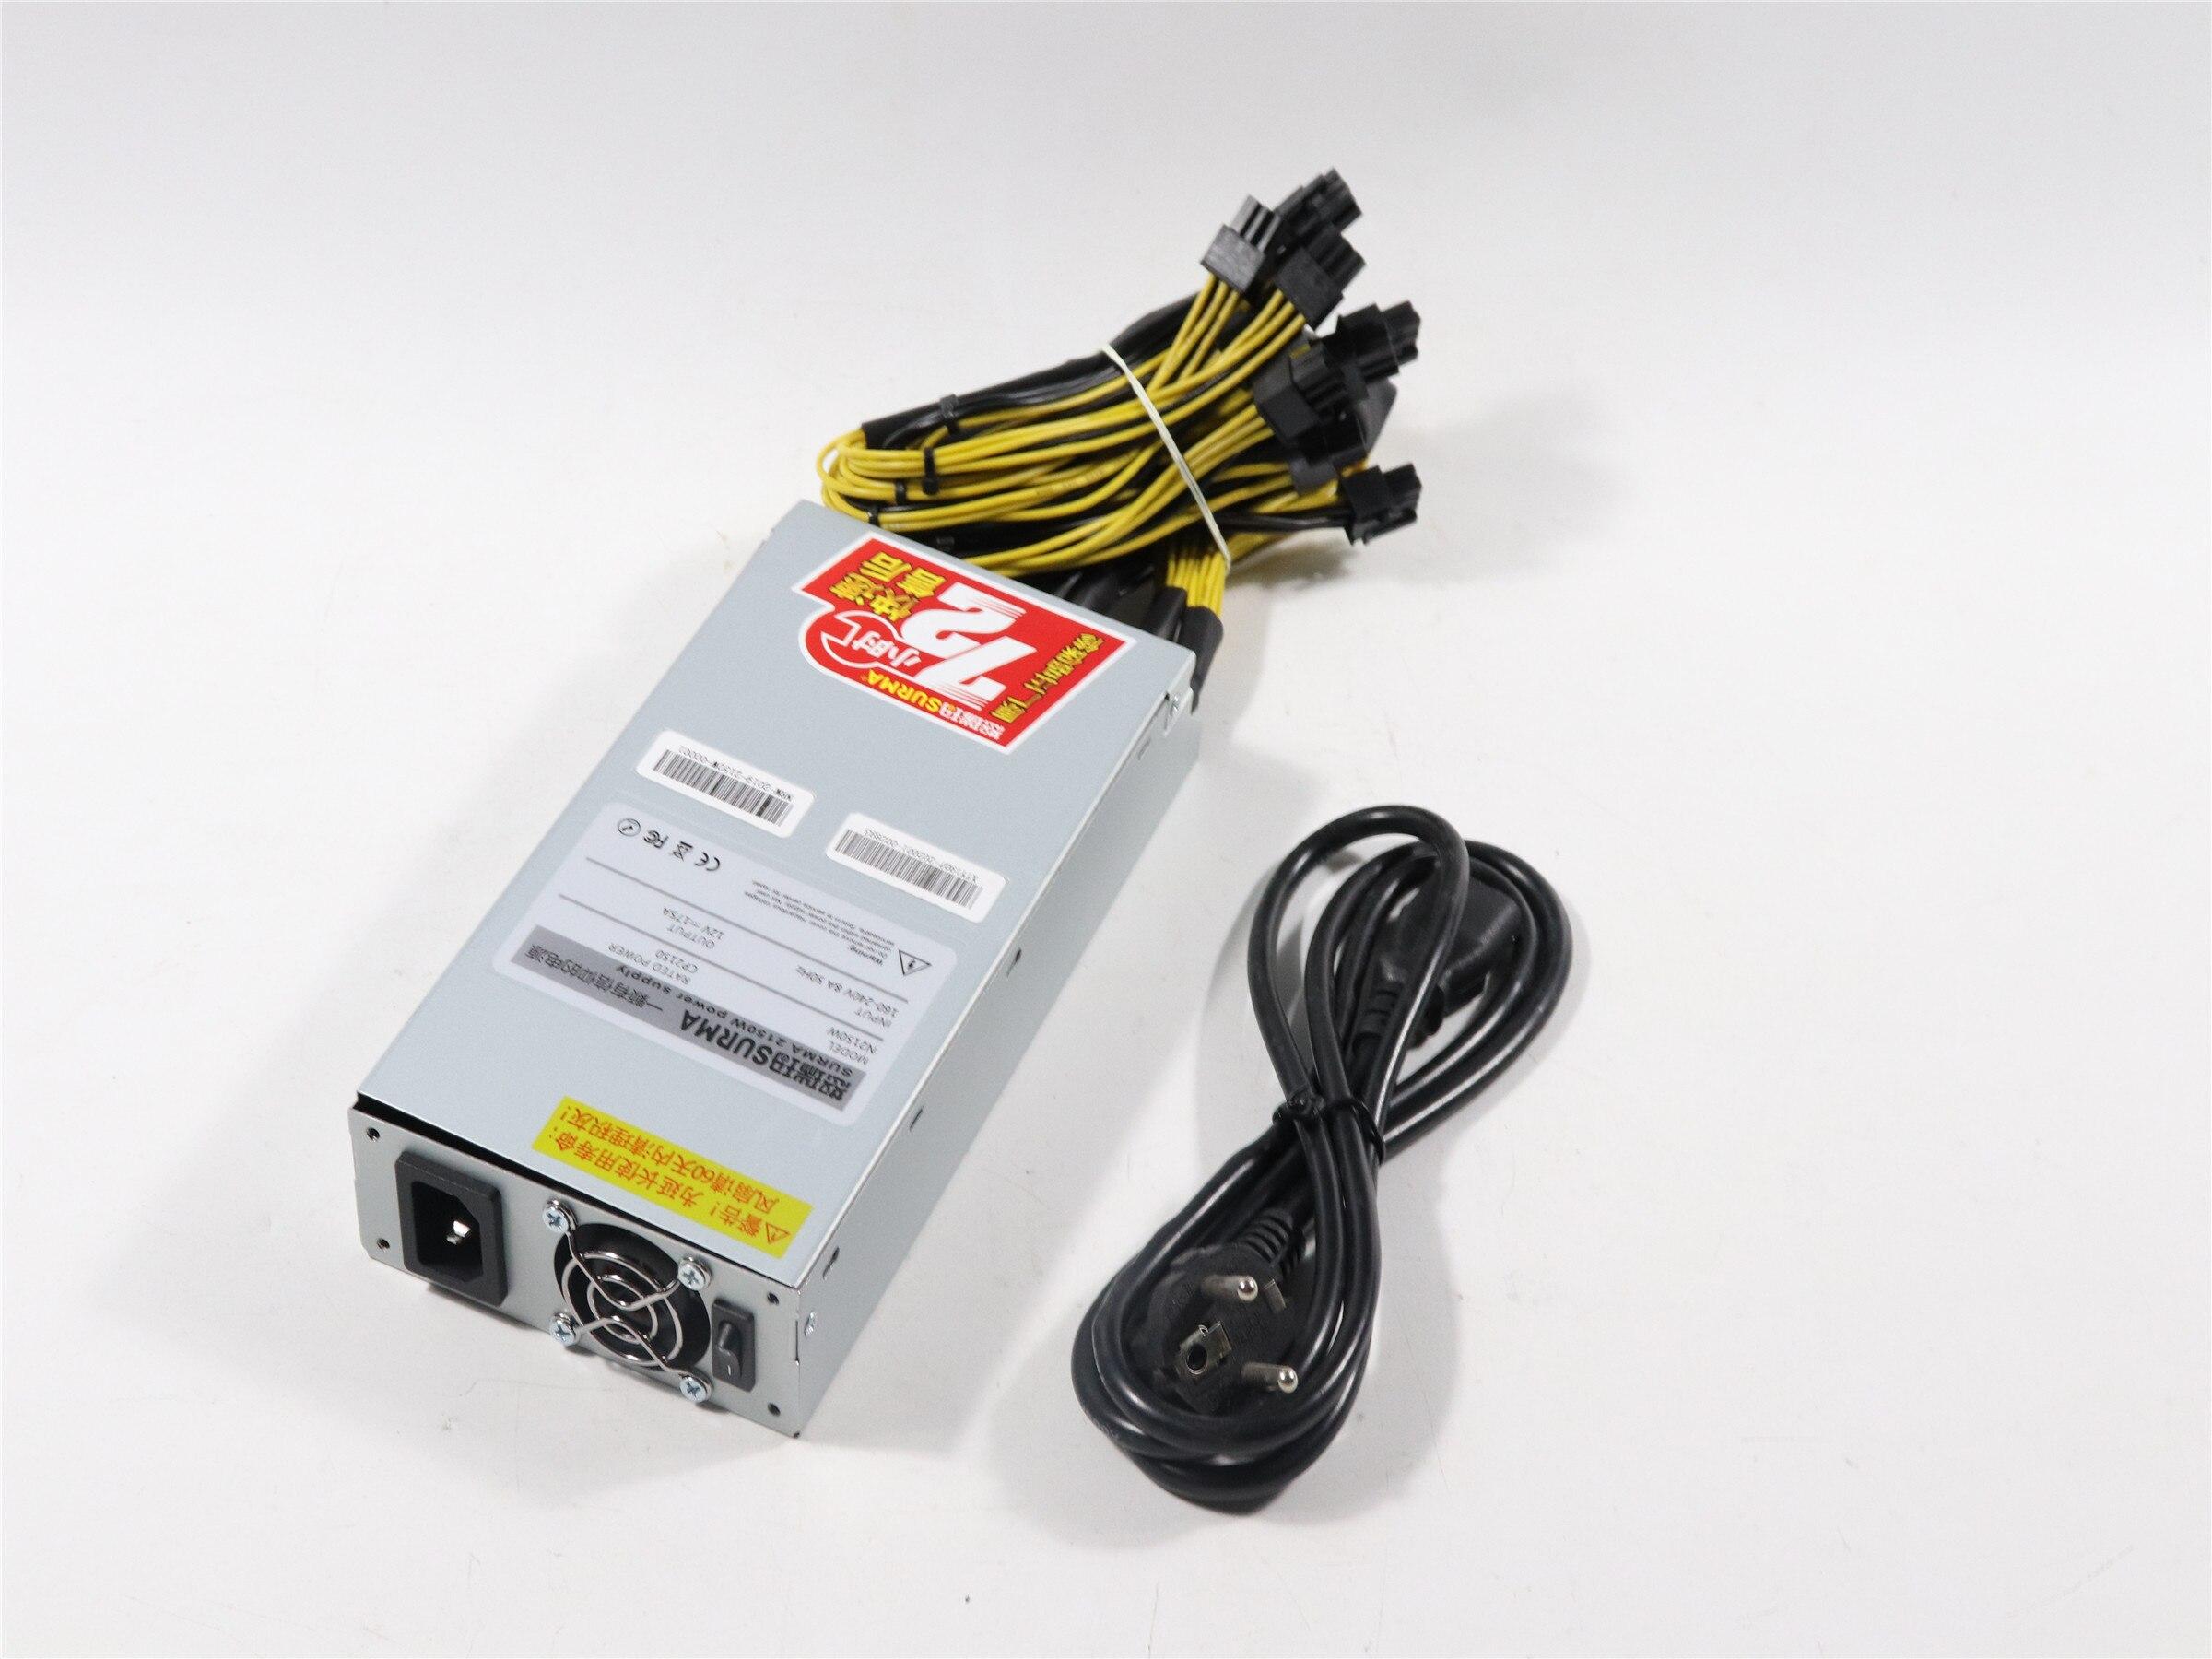 Neue BTC LTC DASH ZEC Miner 2150W Netzteil netzteil Für Antminer S9 S9SE S9k T9 + L3 + e3 Z9 Z11 Ebit E9i E10.2 E110.3